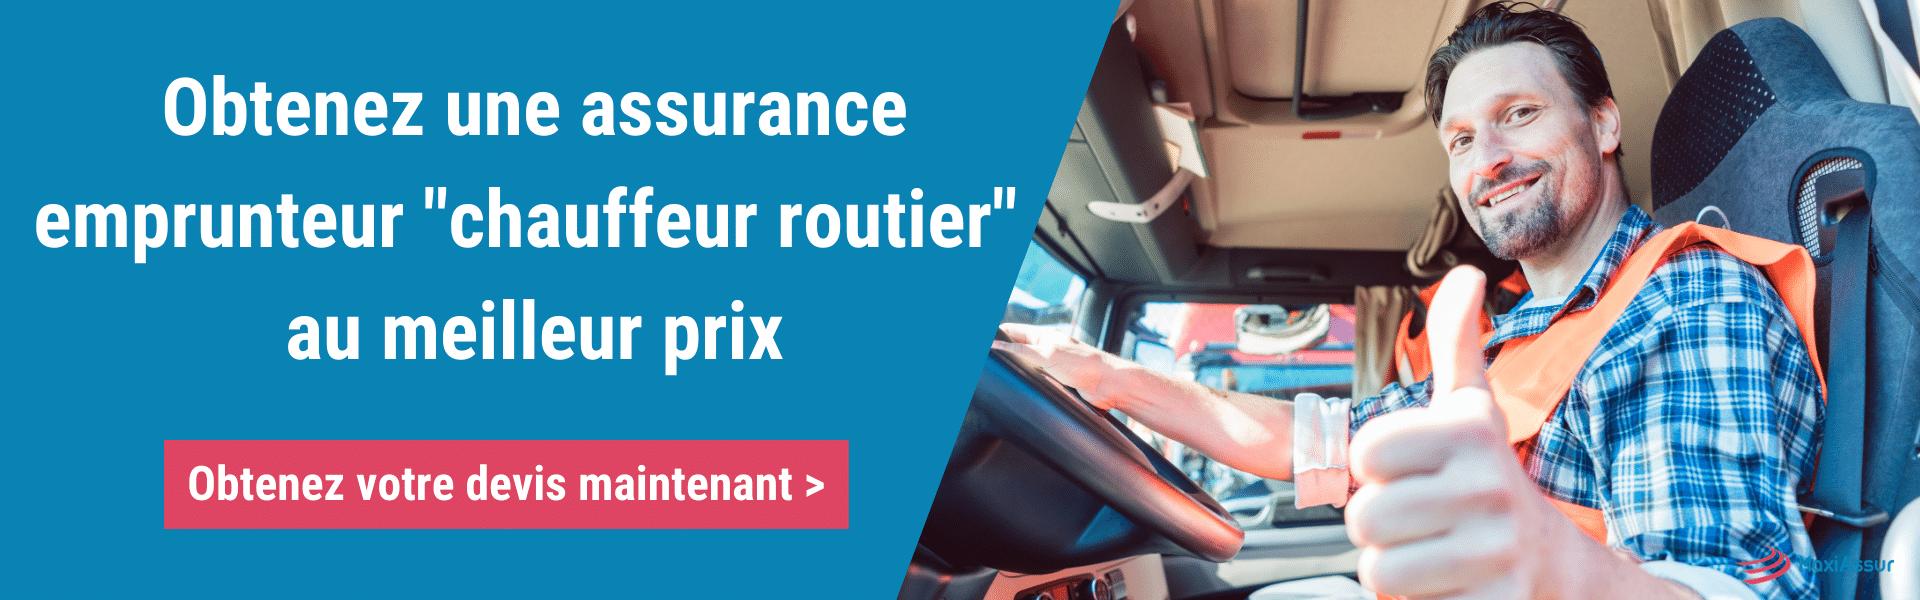 Trouver assurance emprunteur chauffeur routier